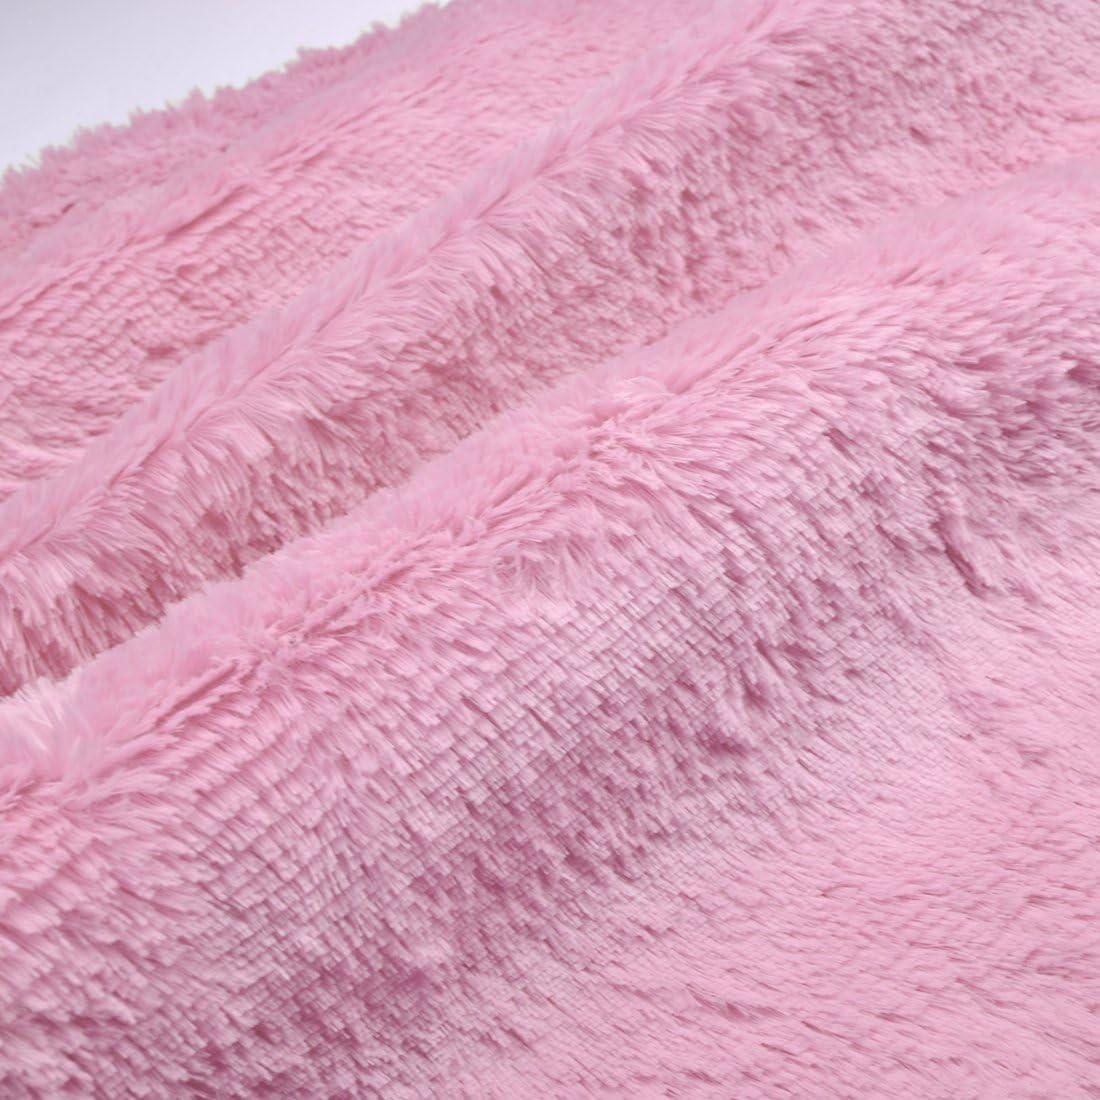 Jiyaru 47 Area Rug Bedroom Round Carpet Indoor Soft Mat Home Plush Mats Pink